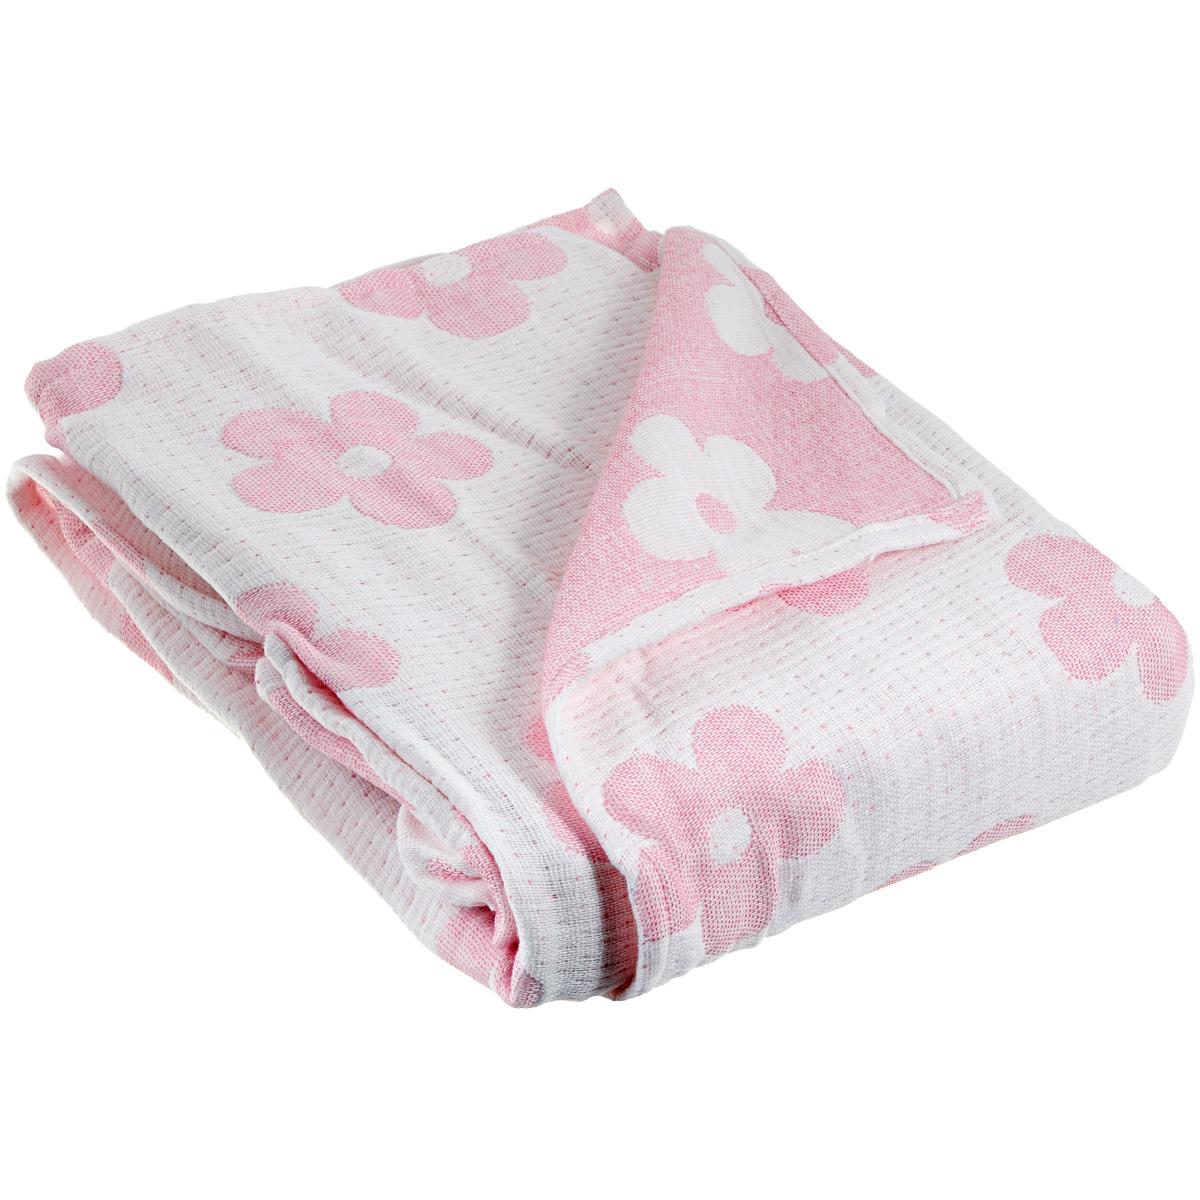 Плед-одеяло детский Baby Nice Цветы, муслиновый, цвет: розовый, 100 см x 118 см10503Муслиновый плед-одеяло Baby Nice Цветы, изготовленный из мягкого натурального 100% хлопка, оформлен цветочным рисунком. Плед-одеяло для новорожденных из мягкого и дышащего муслинового хлопка идеально подходит для комфортного сна малыша. Состоит из четырех слоев дышащего муслина, которые помогут сохранить тепло собственного тела ребенка, предотвращая перегревание. Благодаря особой технологии переплетения нитей и специальной отделки пряжи, муслиновый плед приобрел улучшенную мягкость и гигроскопичность. Легкий и дышащий, эластичный и практичный, такой плед хорошо пропускает воздух, впитывает влагу и прекрасно отдает тепло. Он создаст вашему малышу ощущение свежести и комфорта. Муслиновый плед сохраняет свои свойства даже после многочисленных стирок, быстро сохнет и не требует глажки. Во время прогулки такой плед послужит легким одеялом в коляску.